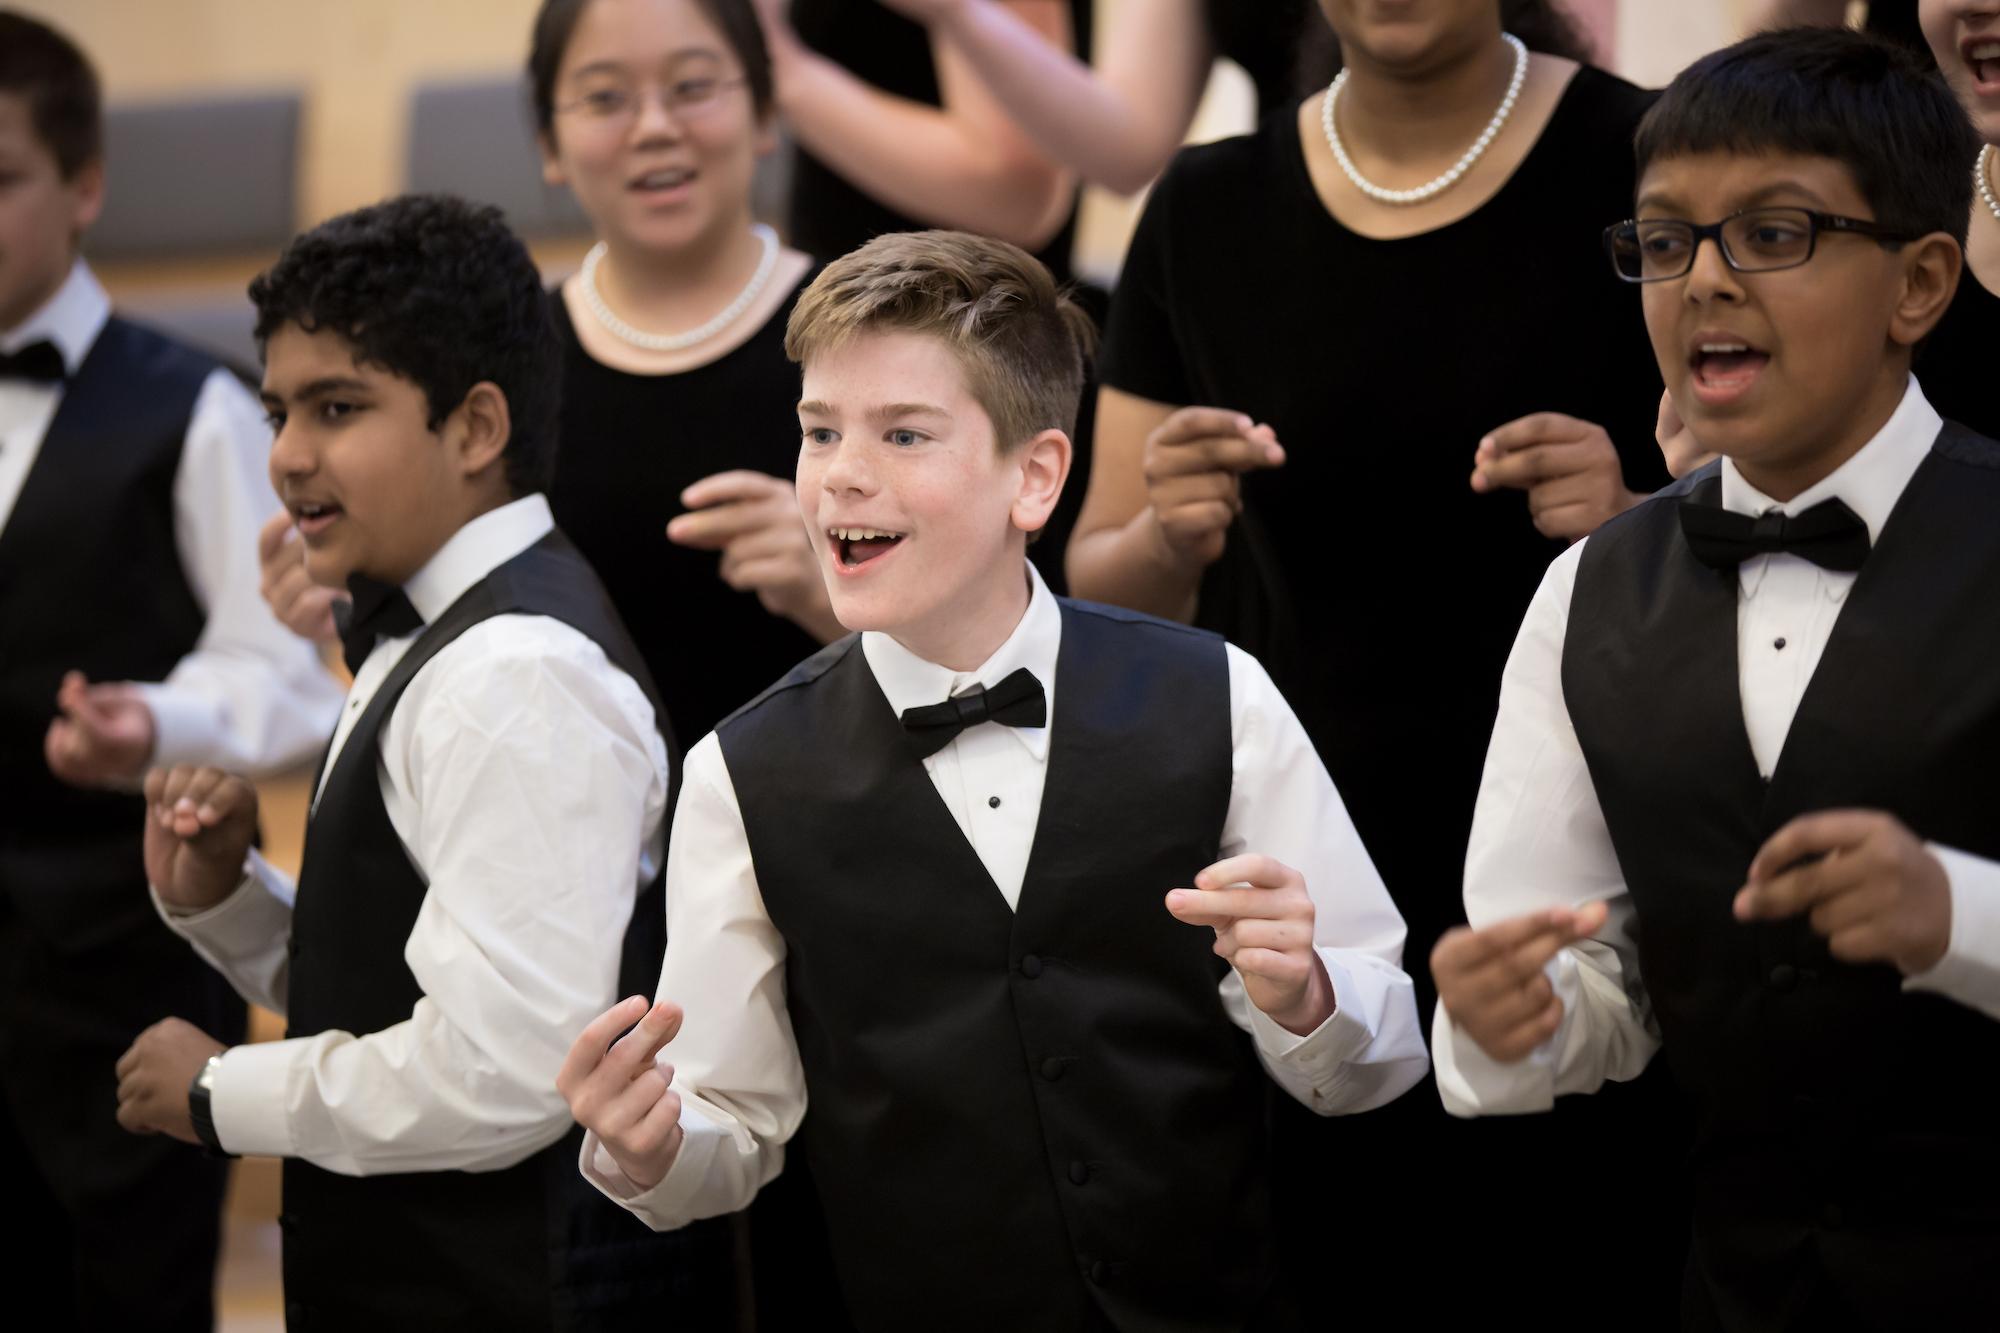 Columbia Choirs